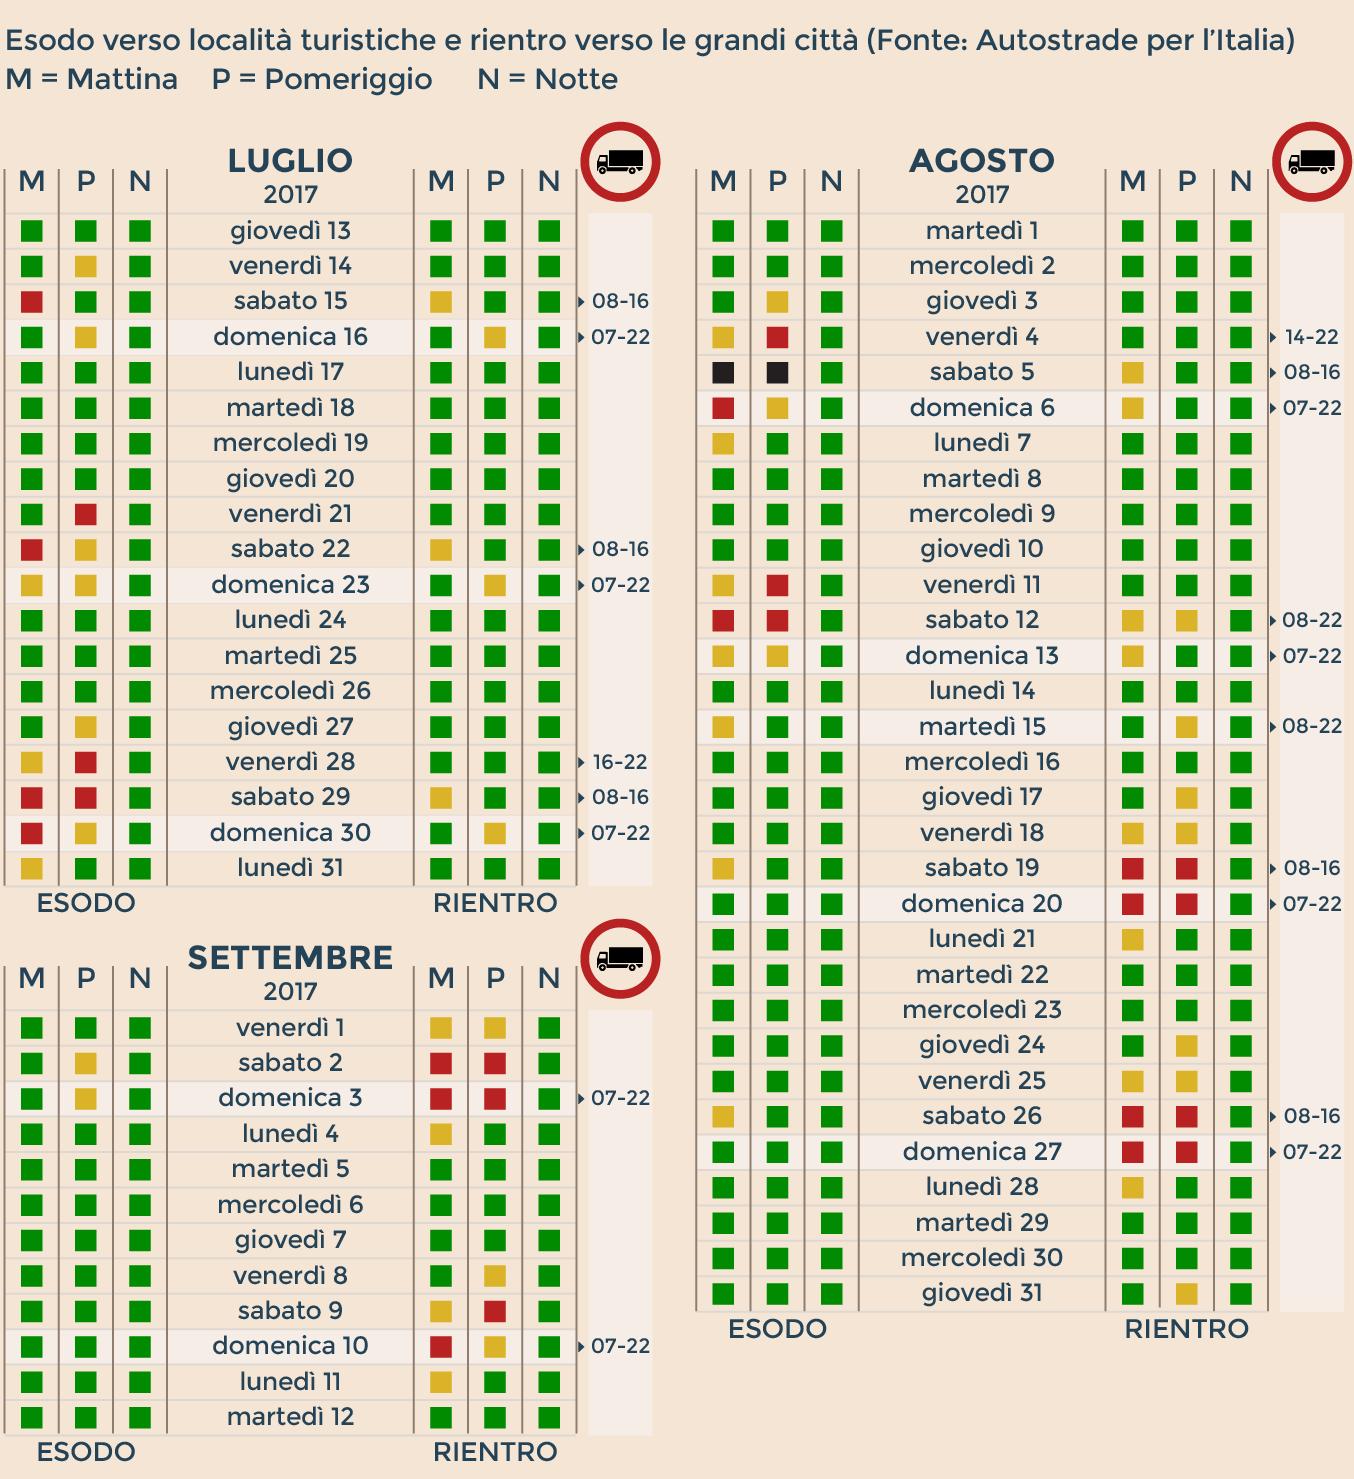 Calendario Traffico Autostrade.Esodo Estivo Il 5 Agosto Traffico Da Bollino Nero Il